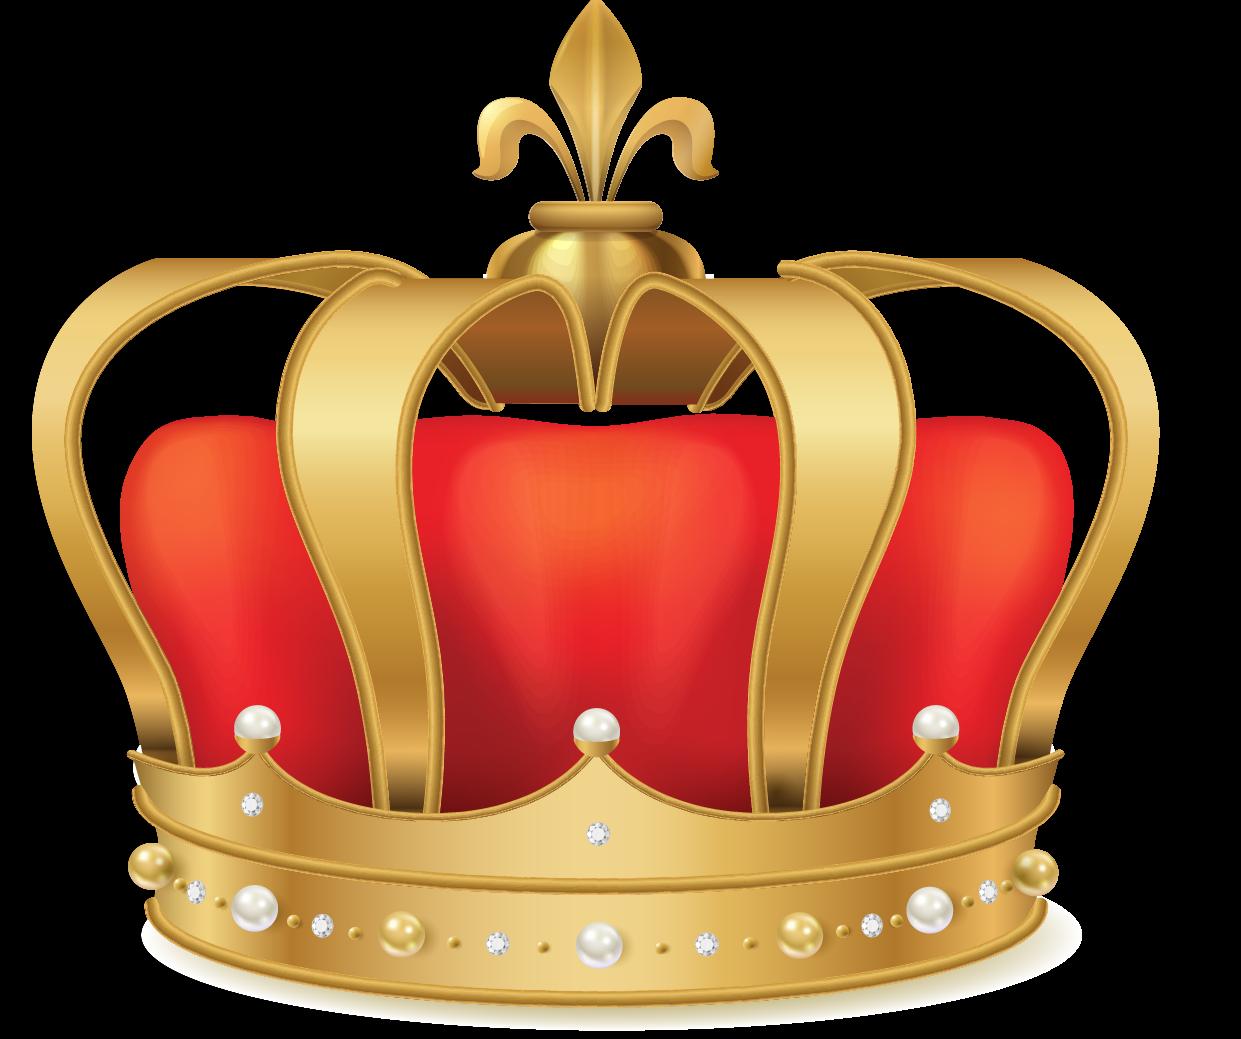 King Copywriting